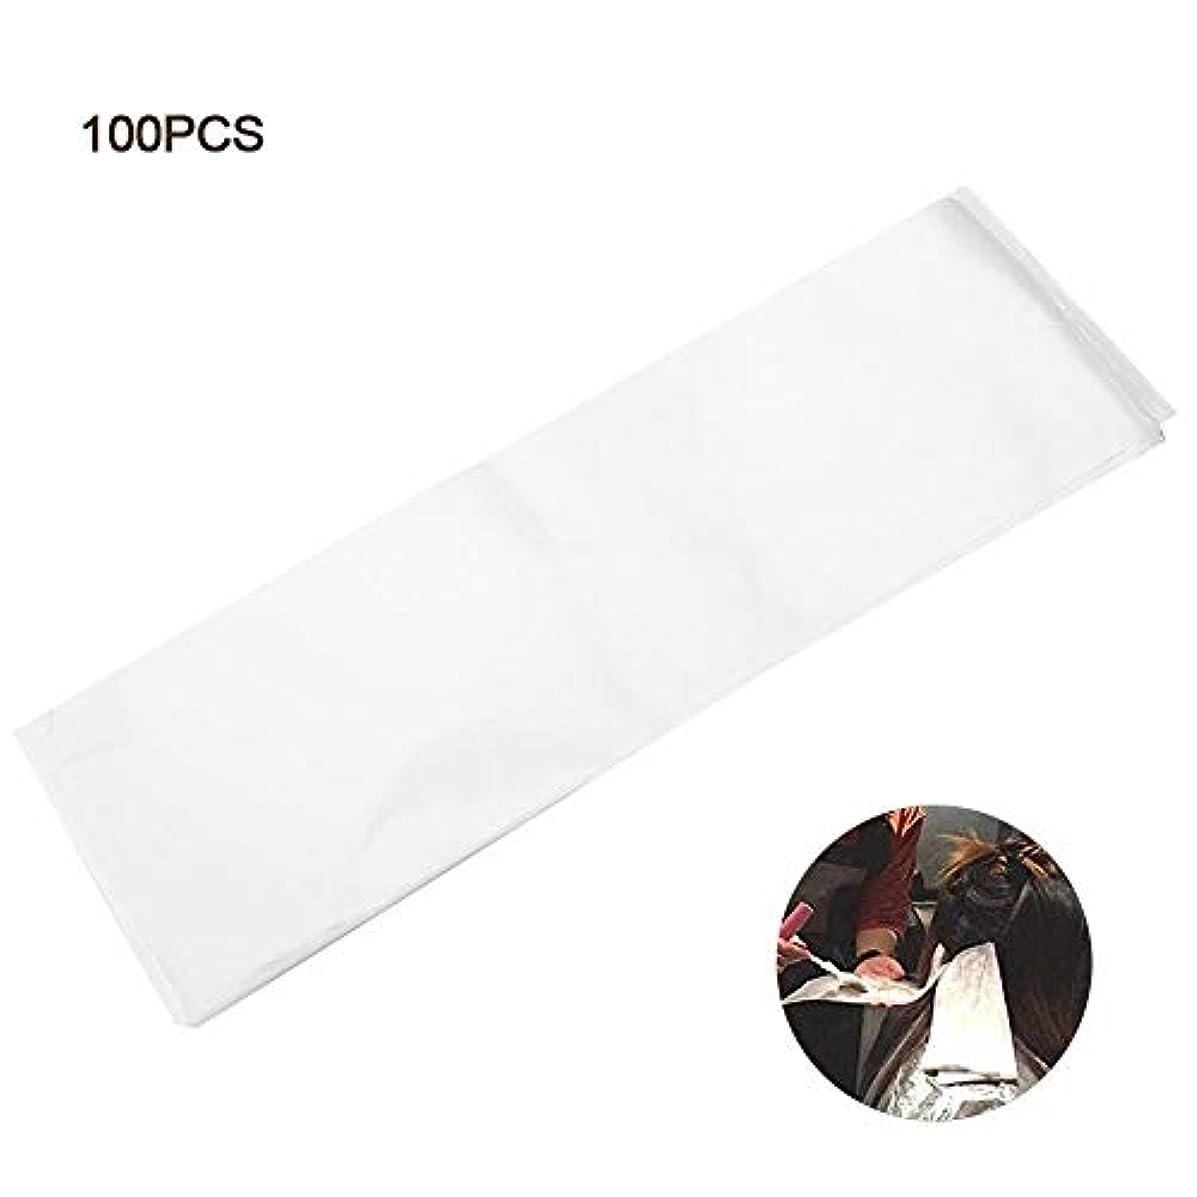 乳製品温度もプロサロンヘアダイペーパー、髪染め用 プラスチック製 染毛紙 再利用可能 分離 紙 ヘアカラー サロン 自宅 DIYヘア染めツール 使用やすい - ホワイト 100枚